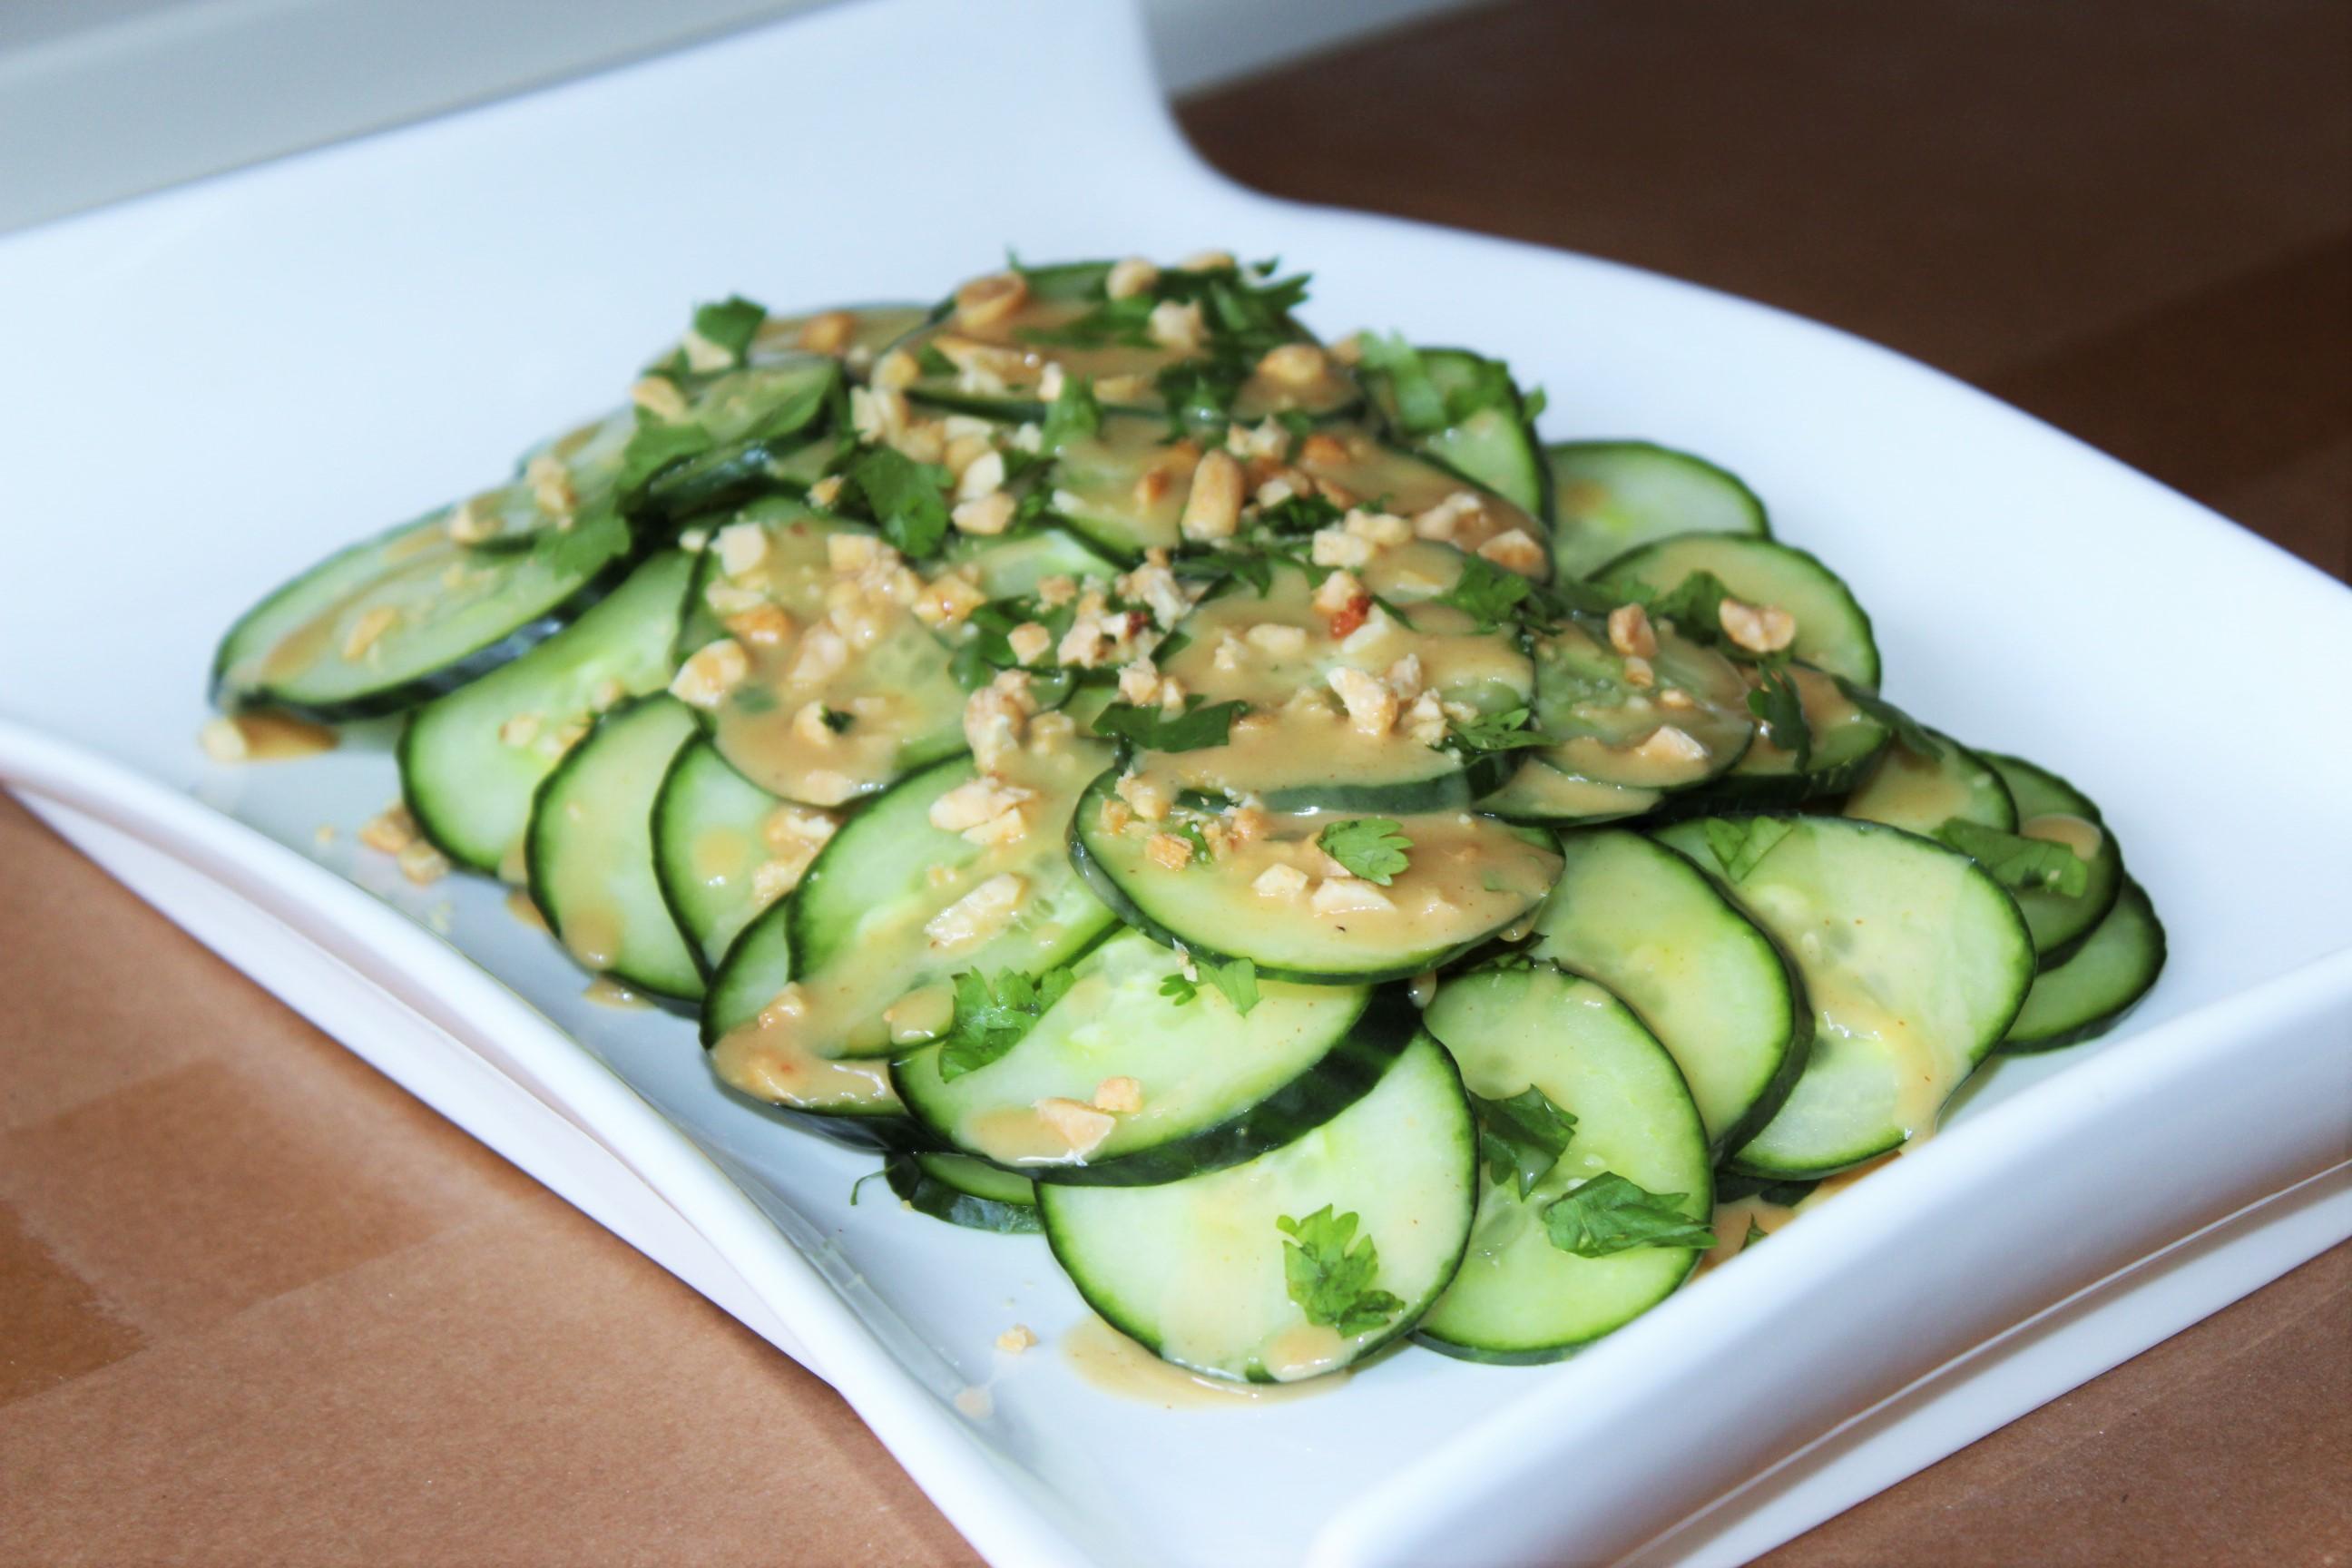 Cucumber Salad with Peanut Lime Vinaigrette